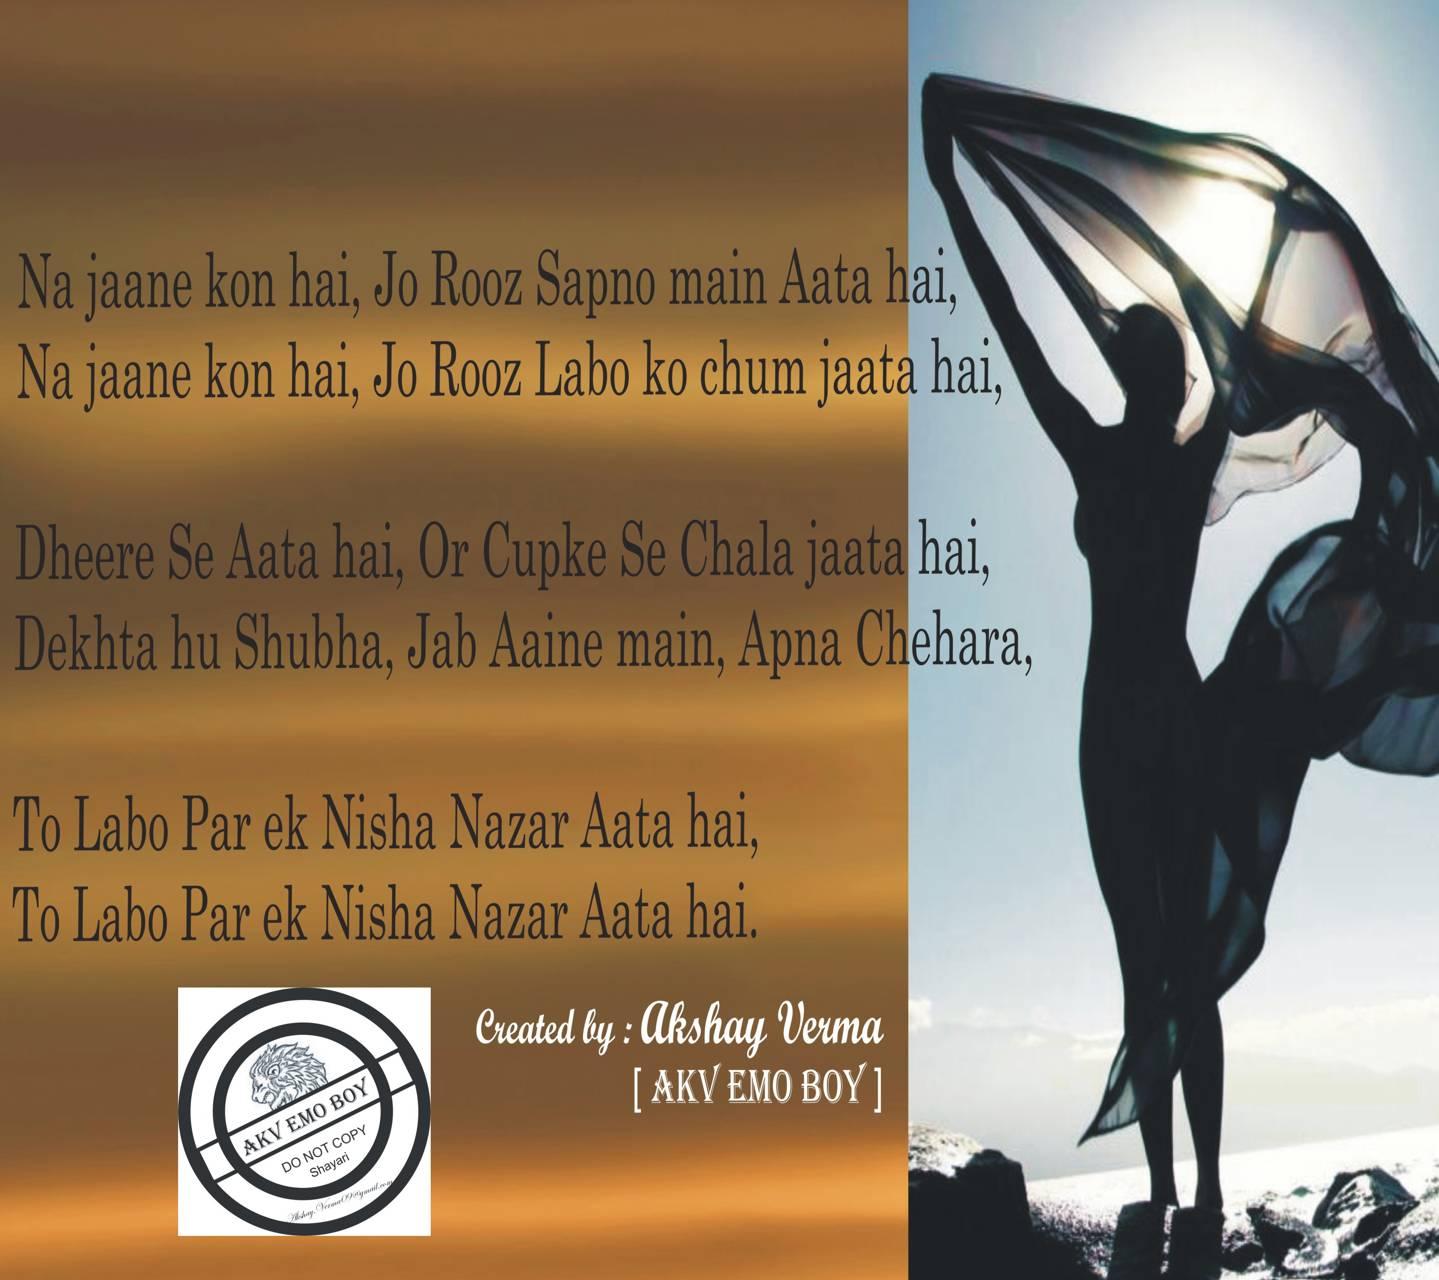 Akv Emo Boy Shayari